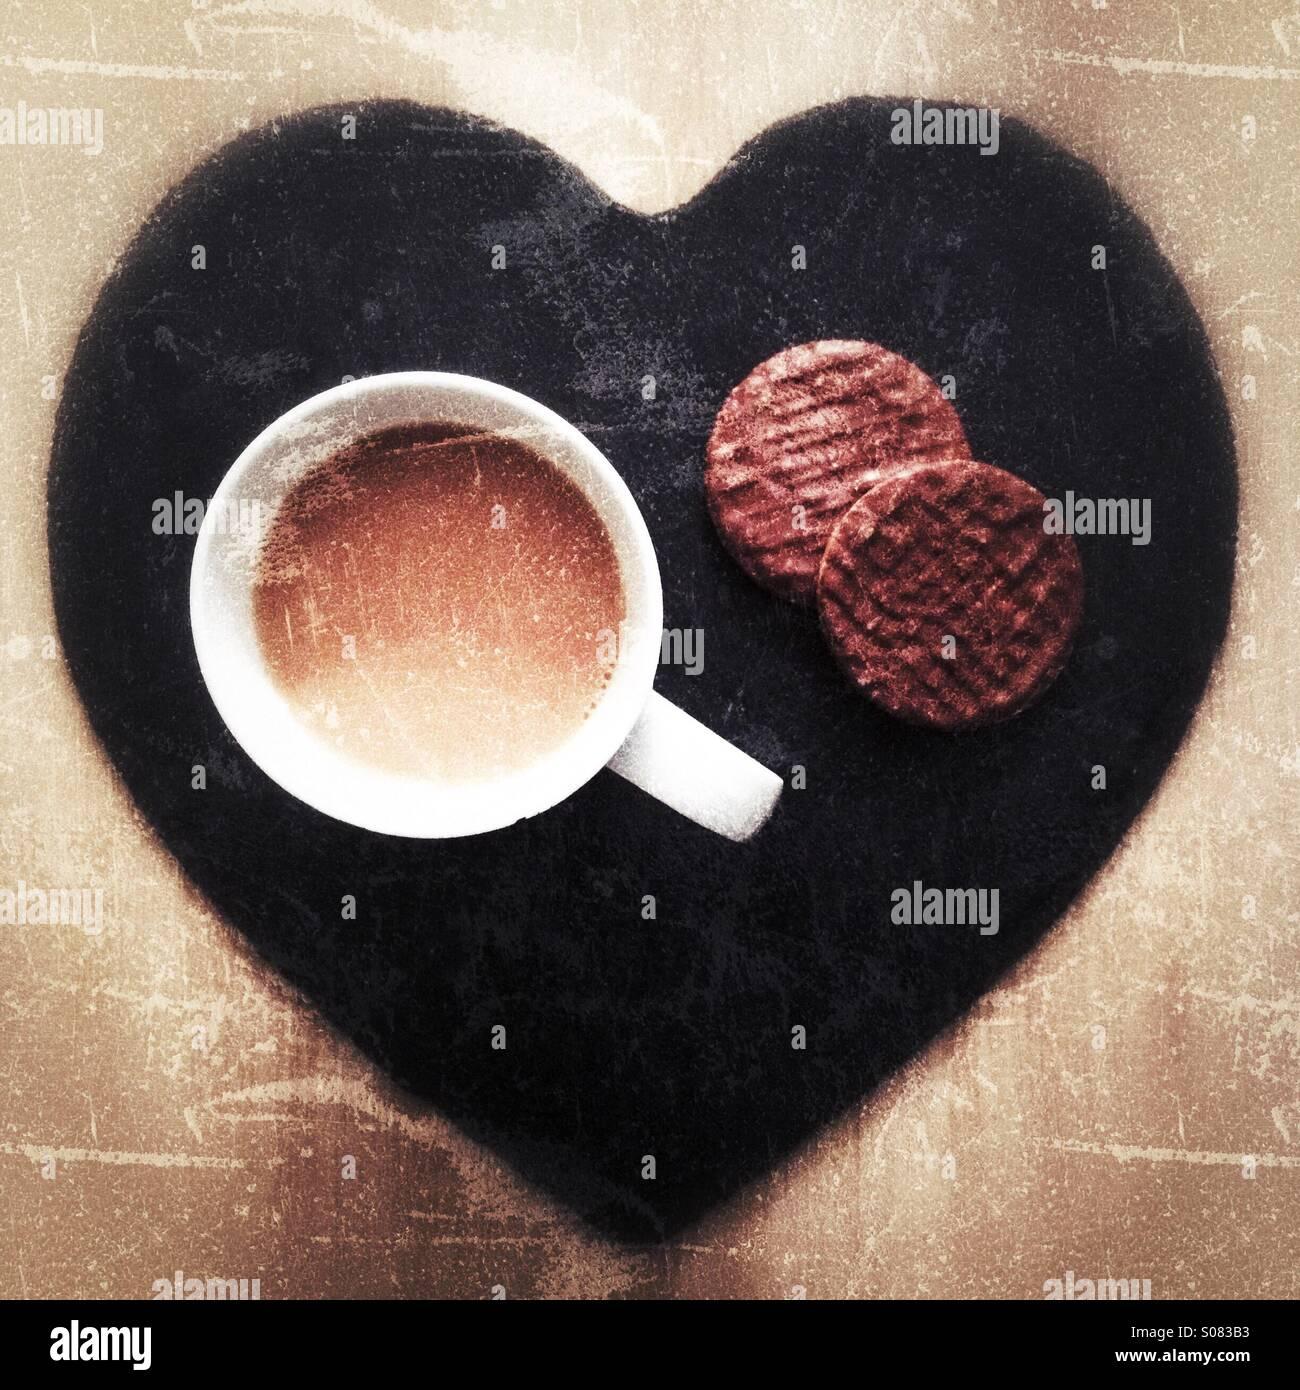 Eine Tasse Tee Witz zwei Schokoladenkekse sitzt auf einer Schiefertafel Herz. Stockbild